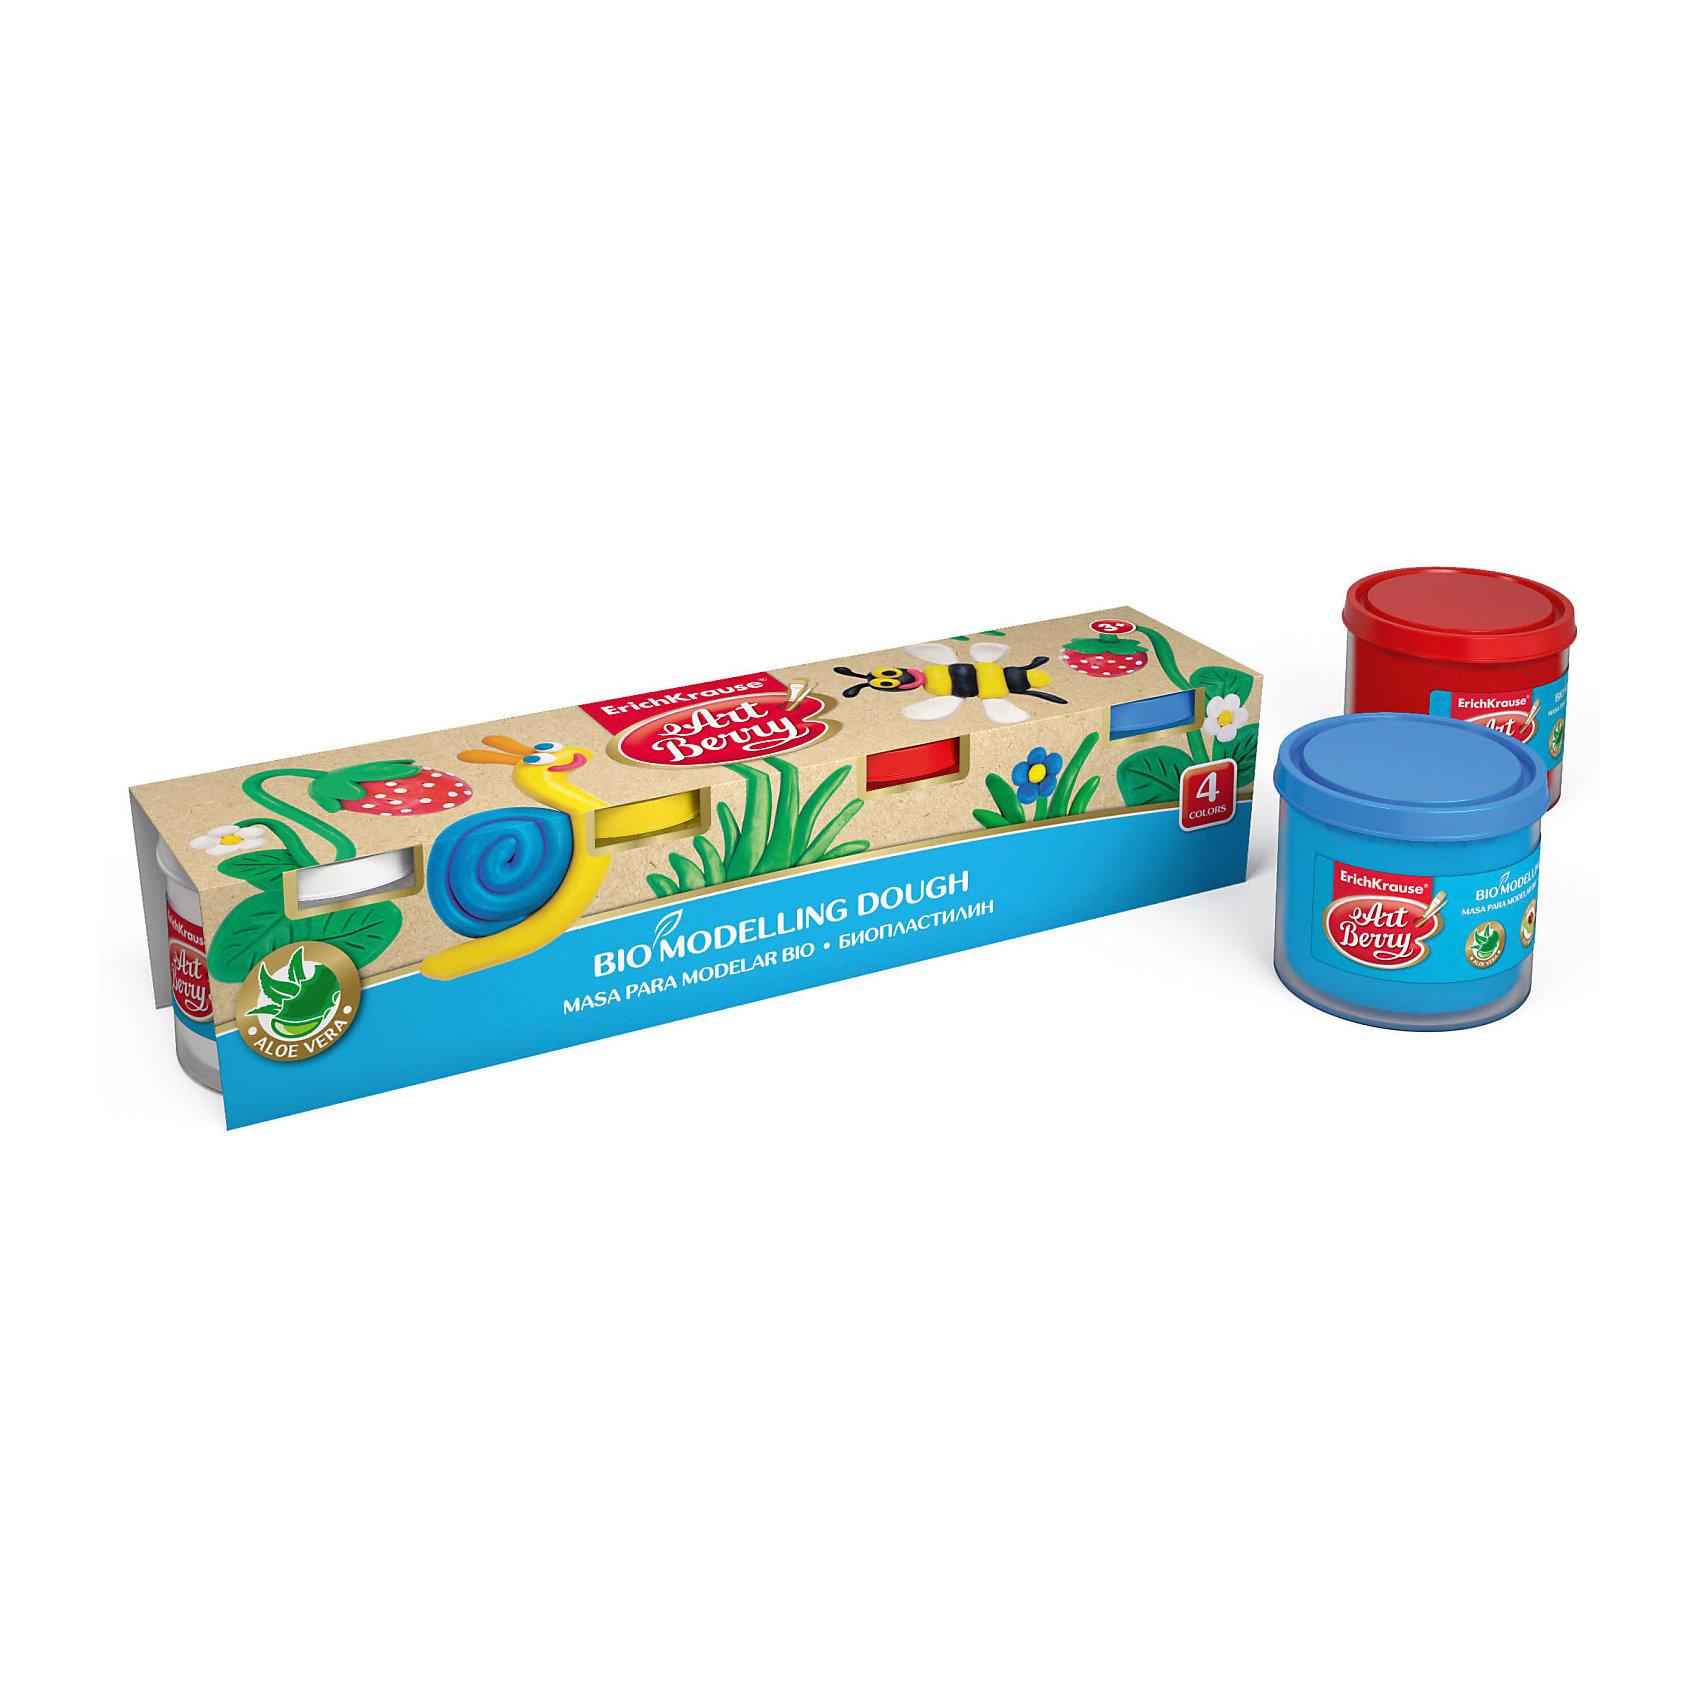 Биопластилин ArtBerry с Алоэ Вера, 4 цвета по 100гЛепка<br>Характеристики товара:<br><br>• материал упаковки: картон<br>• количество цветов: 4<br>• вес каждой баночки: 100 гр<br>• возраст: от 5 лет<br>• габариты упаковки: 26х5,5х5,7 см<br>• вес: 503 г<br>• страна производитель: Россия<br><br>Биопластилин – уникальный в своей сфере материал для детского творчества. Быстро и легко разогревается, приятный для лепки и прочный после засыхания. Наличие в составе Алоэ Вера ухаживает за детской кожей и не дает ей пересыхать во время работы с пластилином.<br><br>Биопластилин ArtBerry с Алоэ Вера, 4 цвета по 100г можно купить в нашем интернет-магазине.<br><br>Ширина мм: 260<br>Глубина мм: 55<br>Высота мм: 57<br>Вес г: 503<br>Возраст от месяцев: 36<br>Возраст до месяцев: 2147483647<br>Пол: Унисекс<br>Возраст: Детский<br>SKU: 5409321